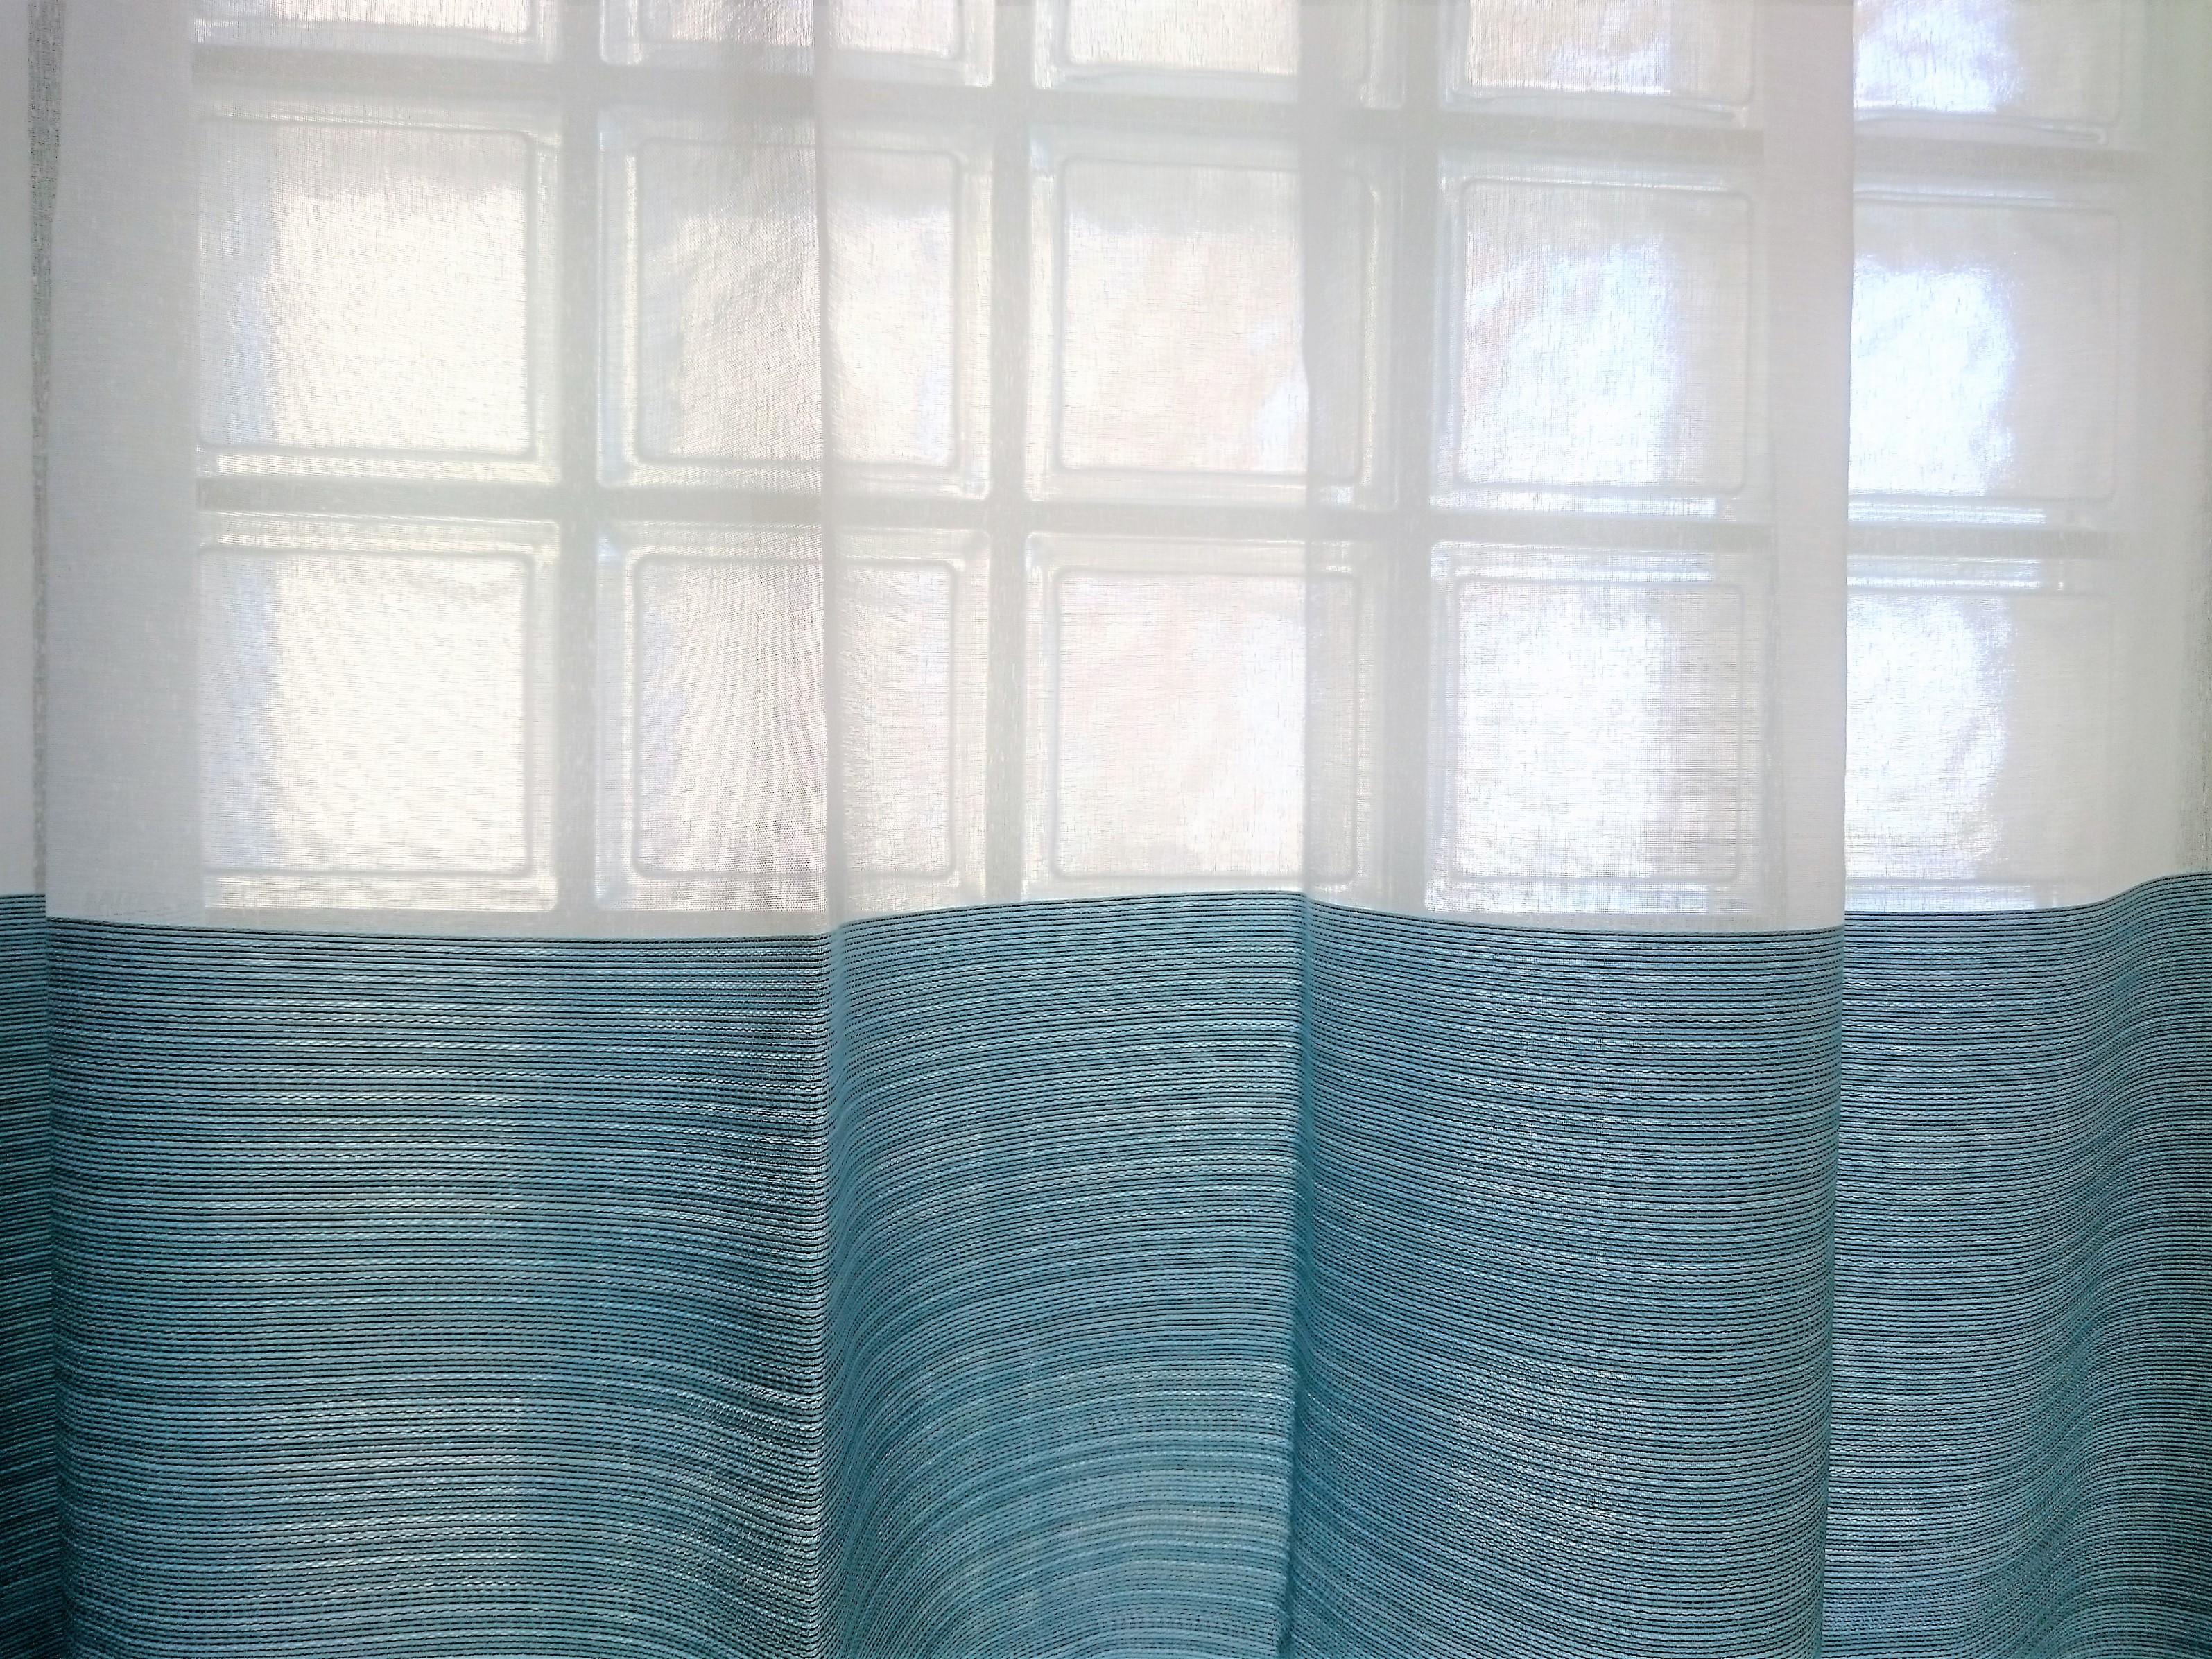 カーテン/ 北欧カラー(ブルー or グレイ)2枚組セット